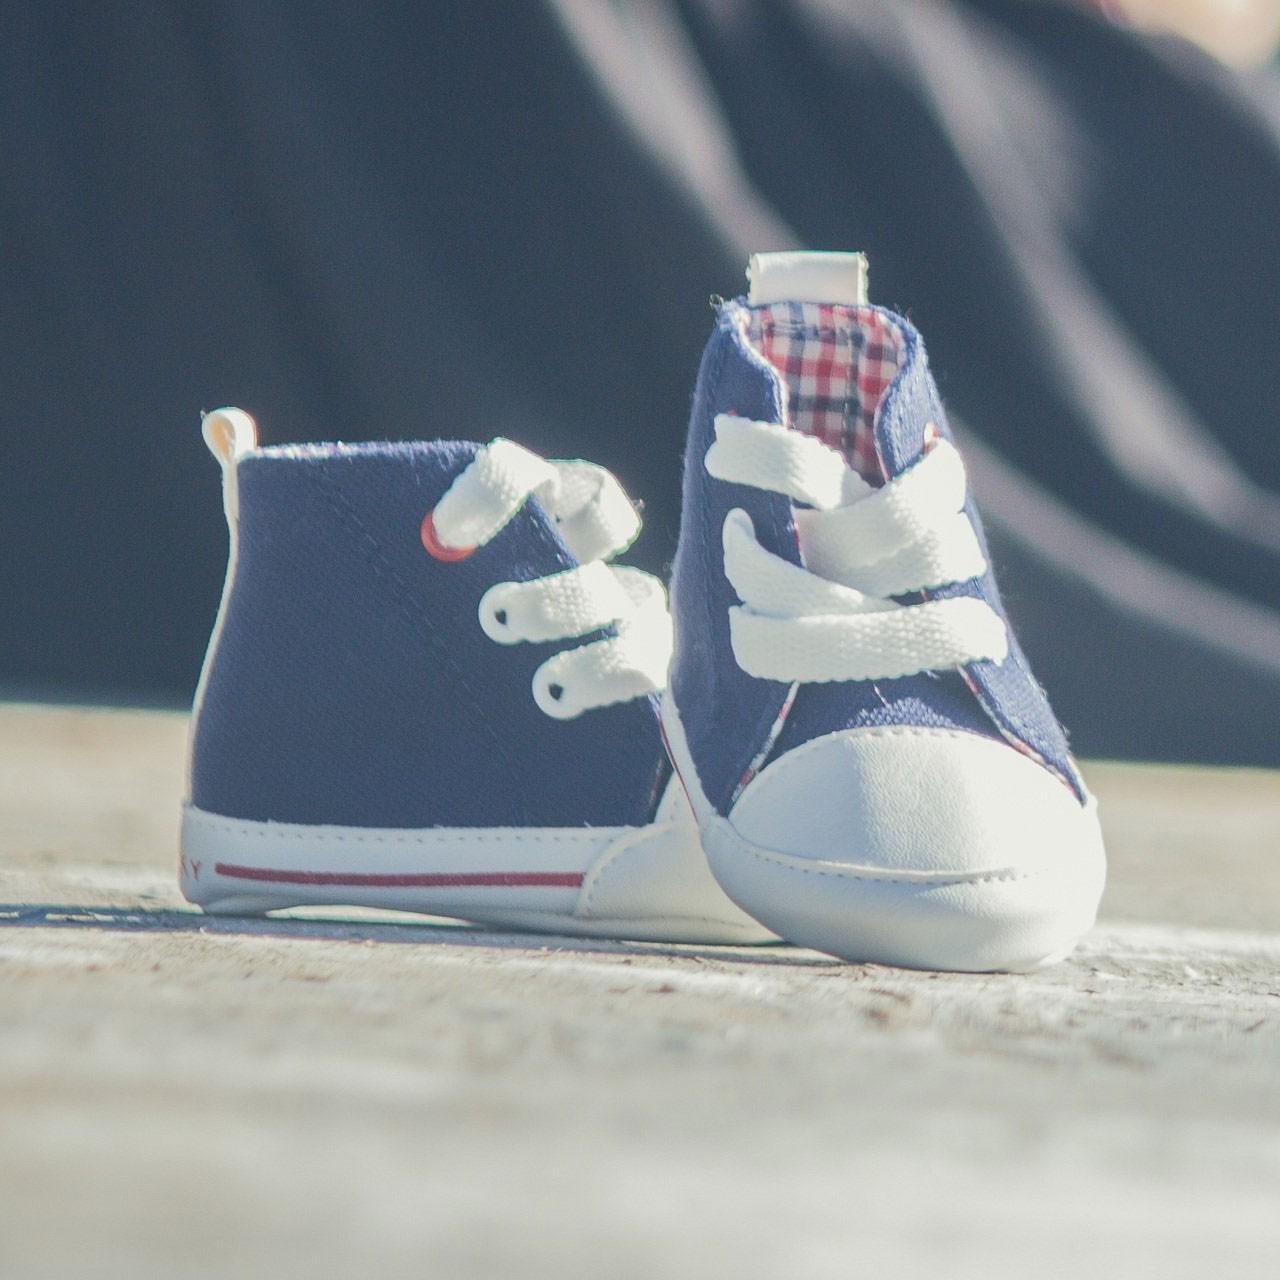 Chaussons de naissance sneakers fille